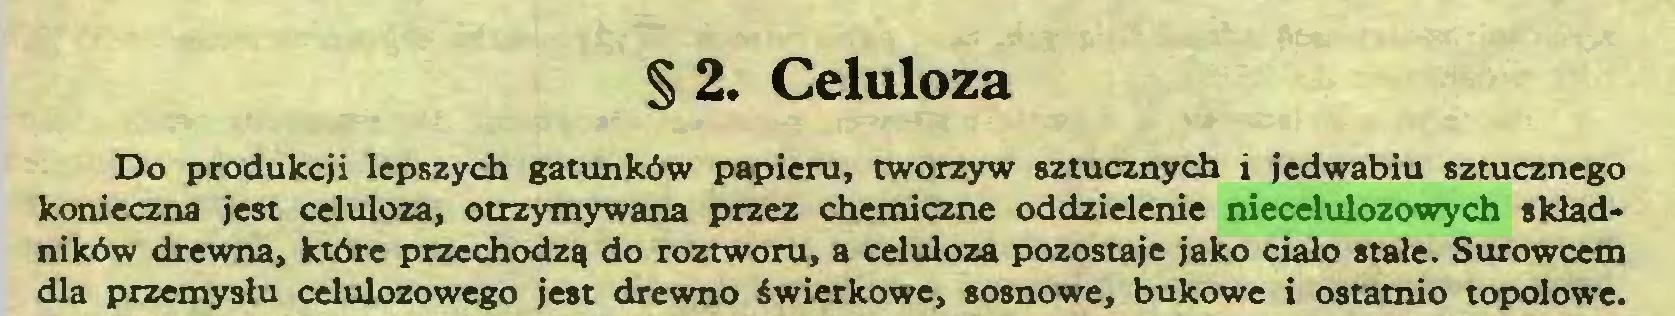 (...) § 2. Celuloza Do produkcji lepszych gatunków papieru, tworzyw sztucznych i jedwabiu sztucznego konieczna jest celuloza, otrzymywana przez chemiczne oddzielenie niecelulozowych składników drewna, które przechodzą do roztworu, a celuloza pozostaje jako ciało stałe. Surowcem dla przemysłu celulozowego jest drewno świerkowe, sosnowe, bukowe i ostatnio topolowe...